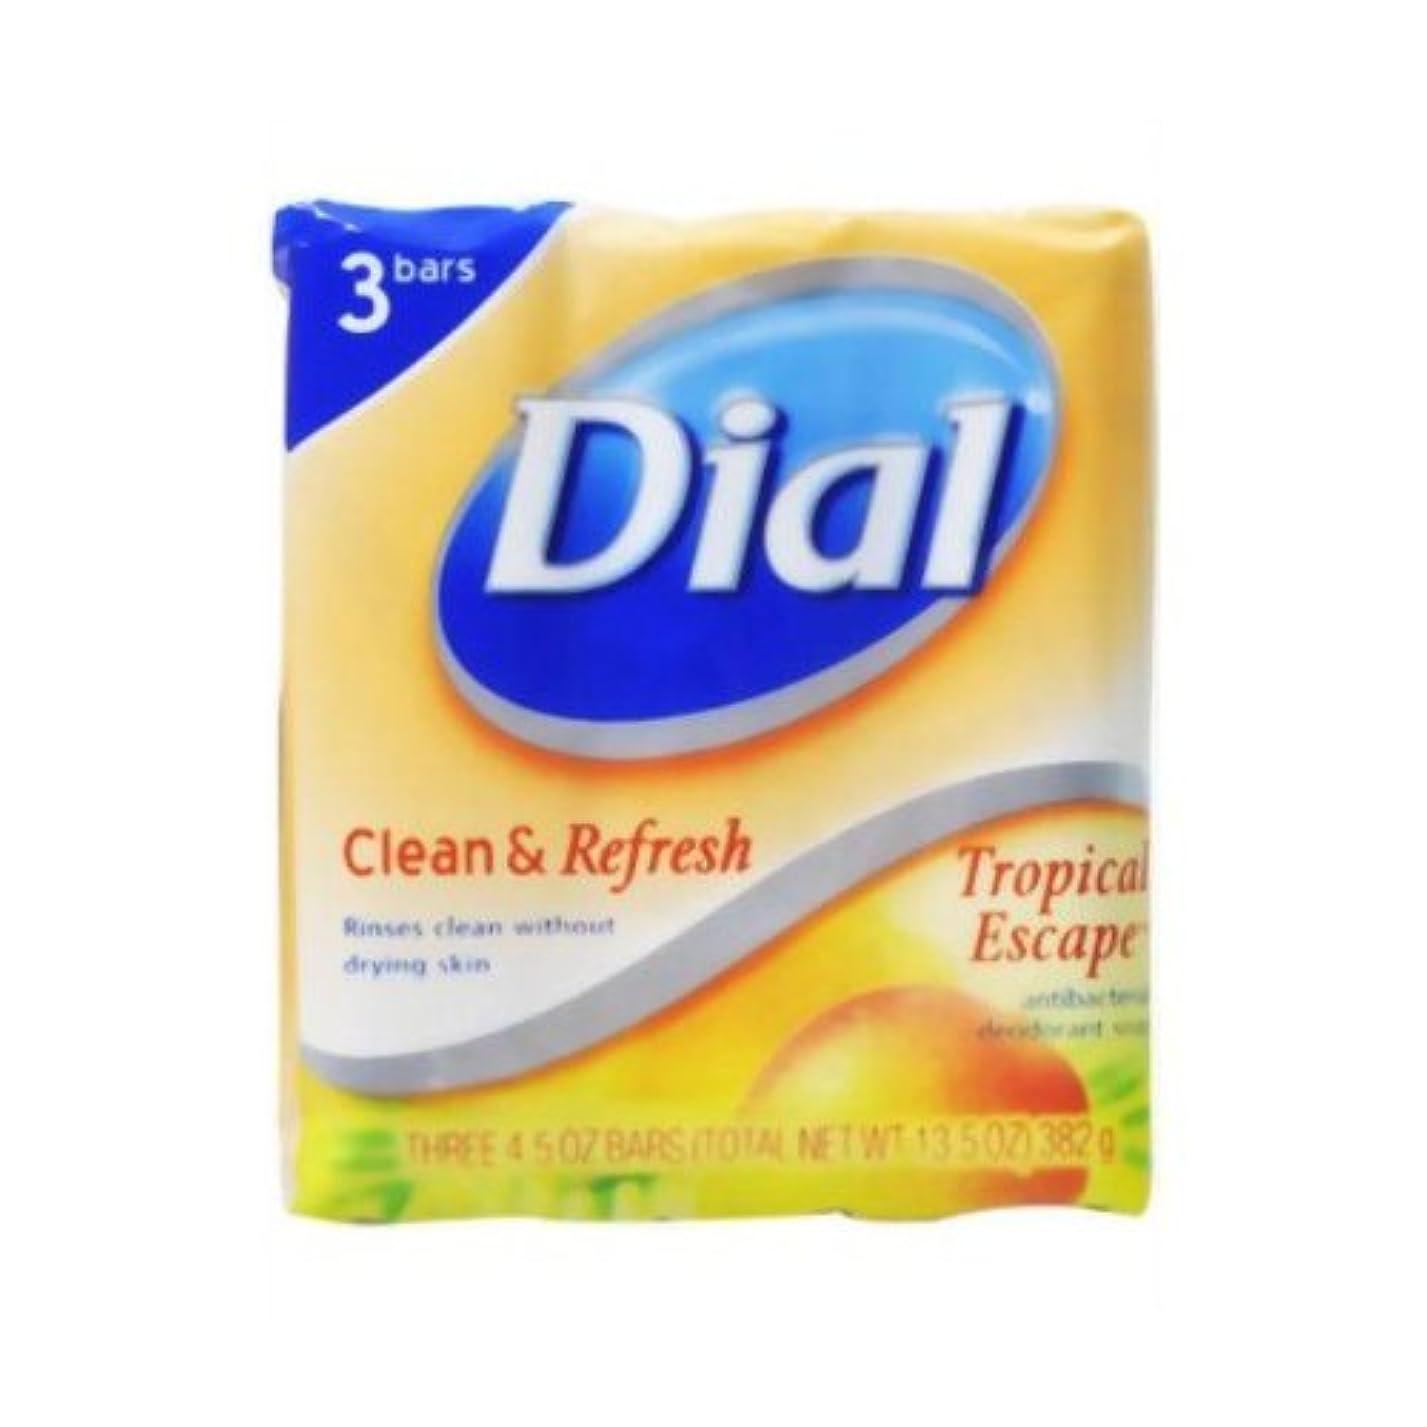 湿ったレイアマーク【DIAL】ダイアル デオドラント石鹸 トロピカルエスケープ 3個パック